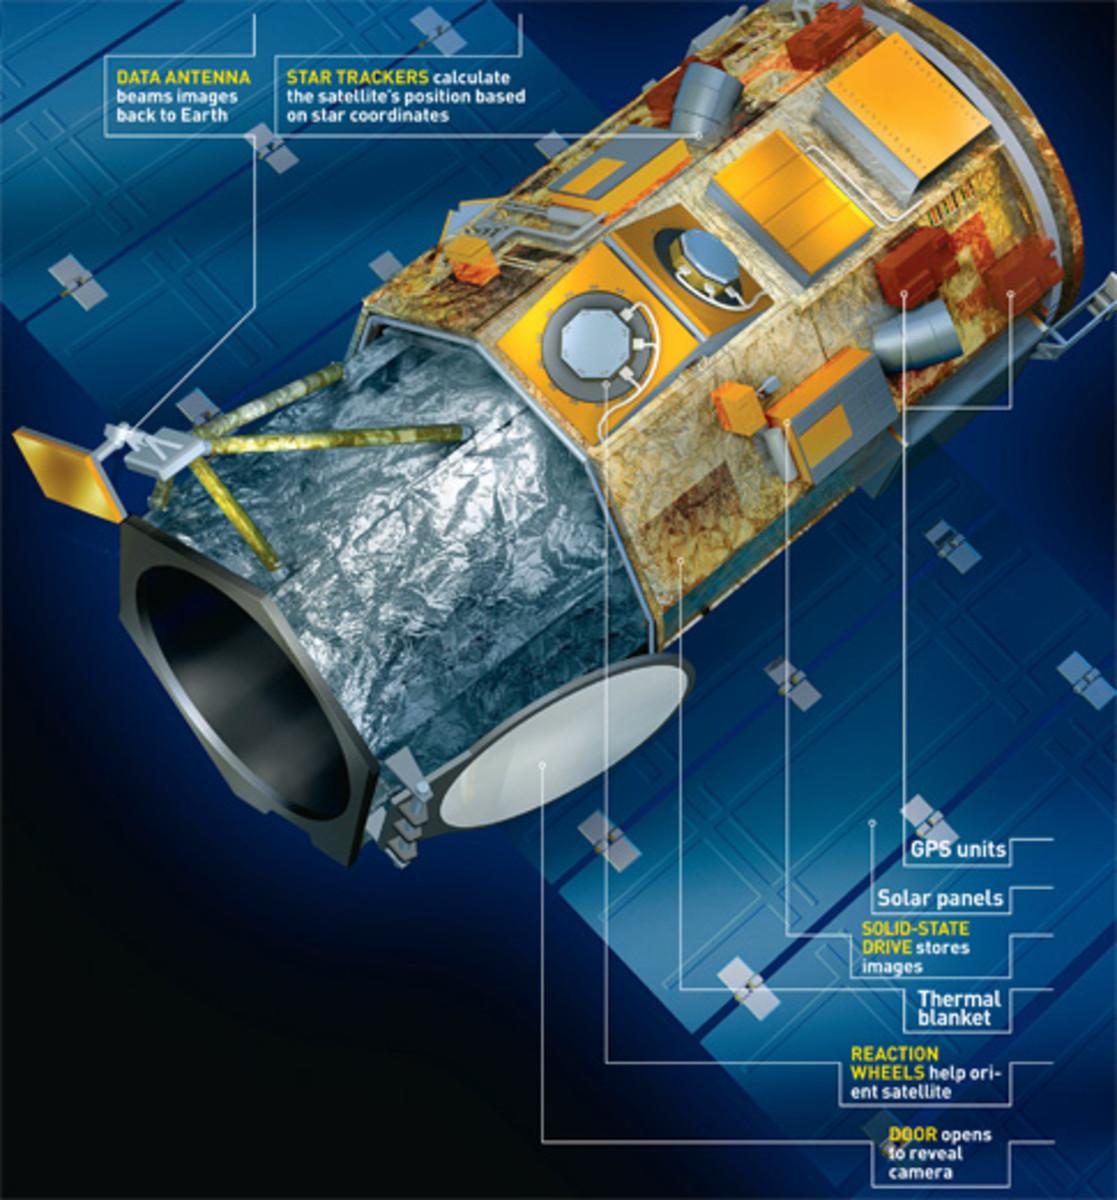 GeoEye-1 surveillance satellite